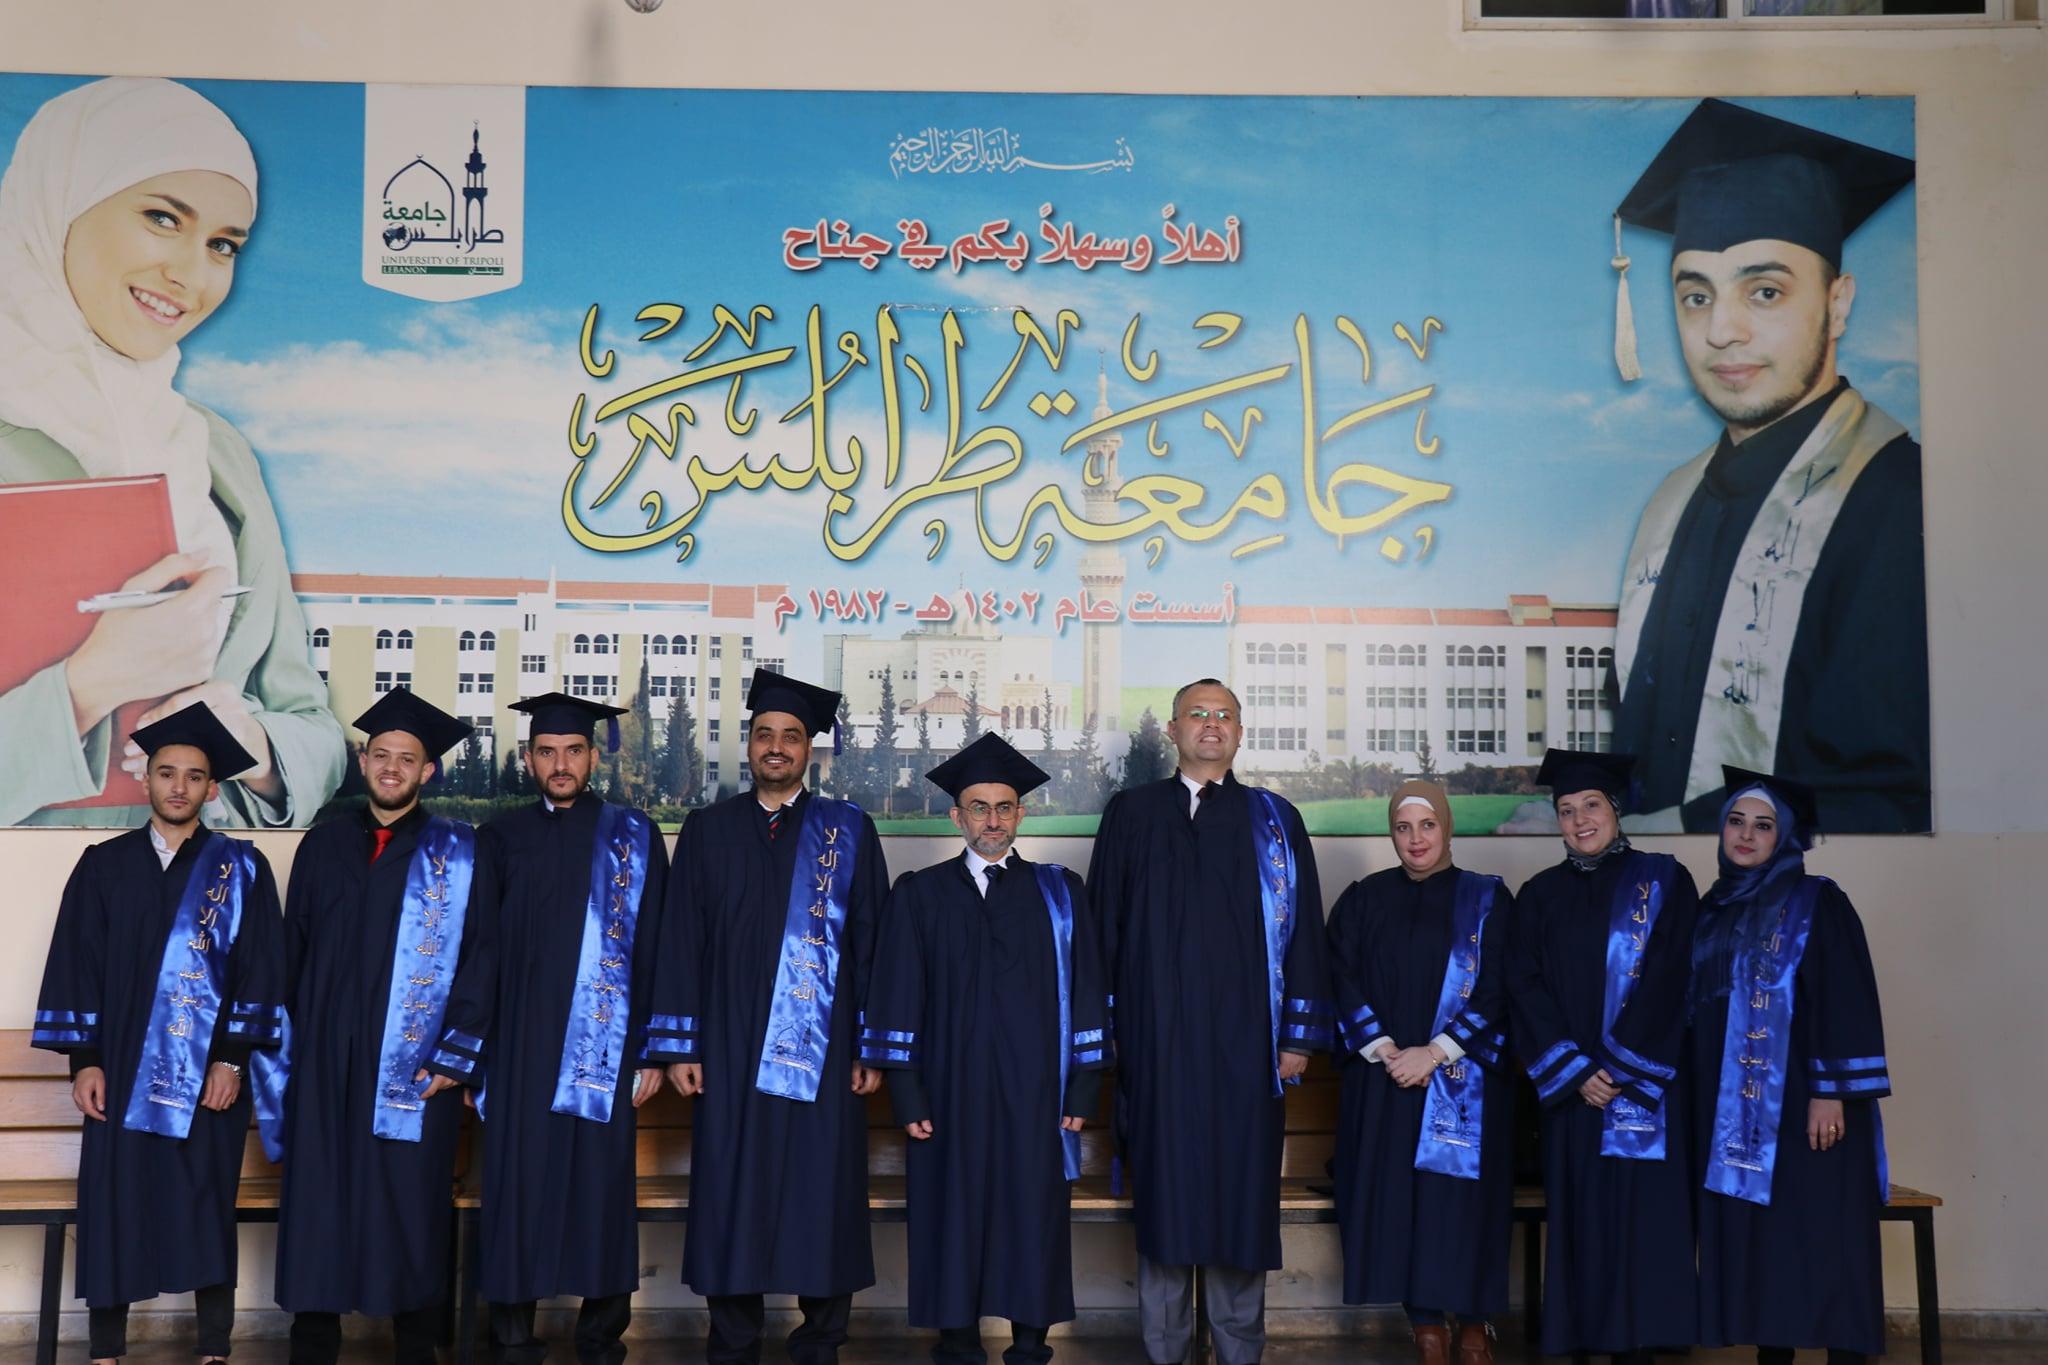 حفل تصويري لخريجي طلاب كلية إدارة الأعمال في جامعة طرابلس (5/7)